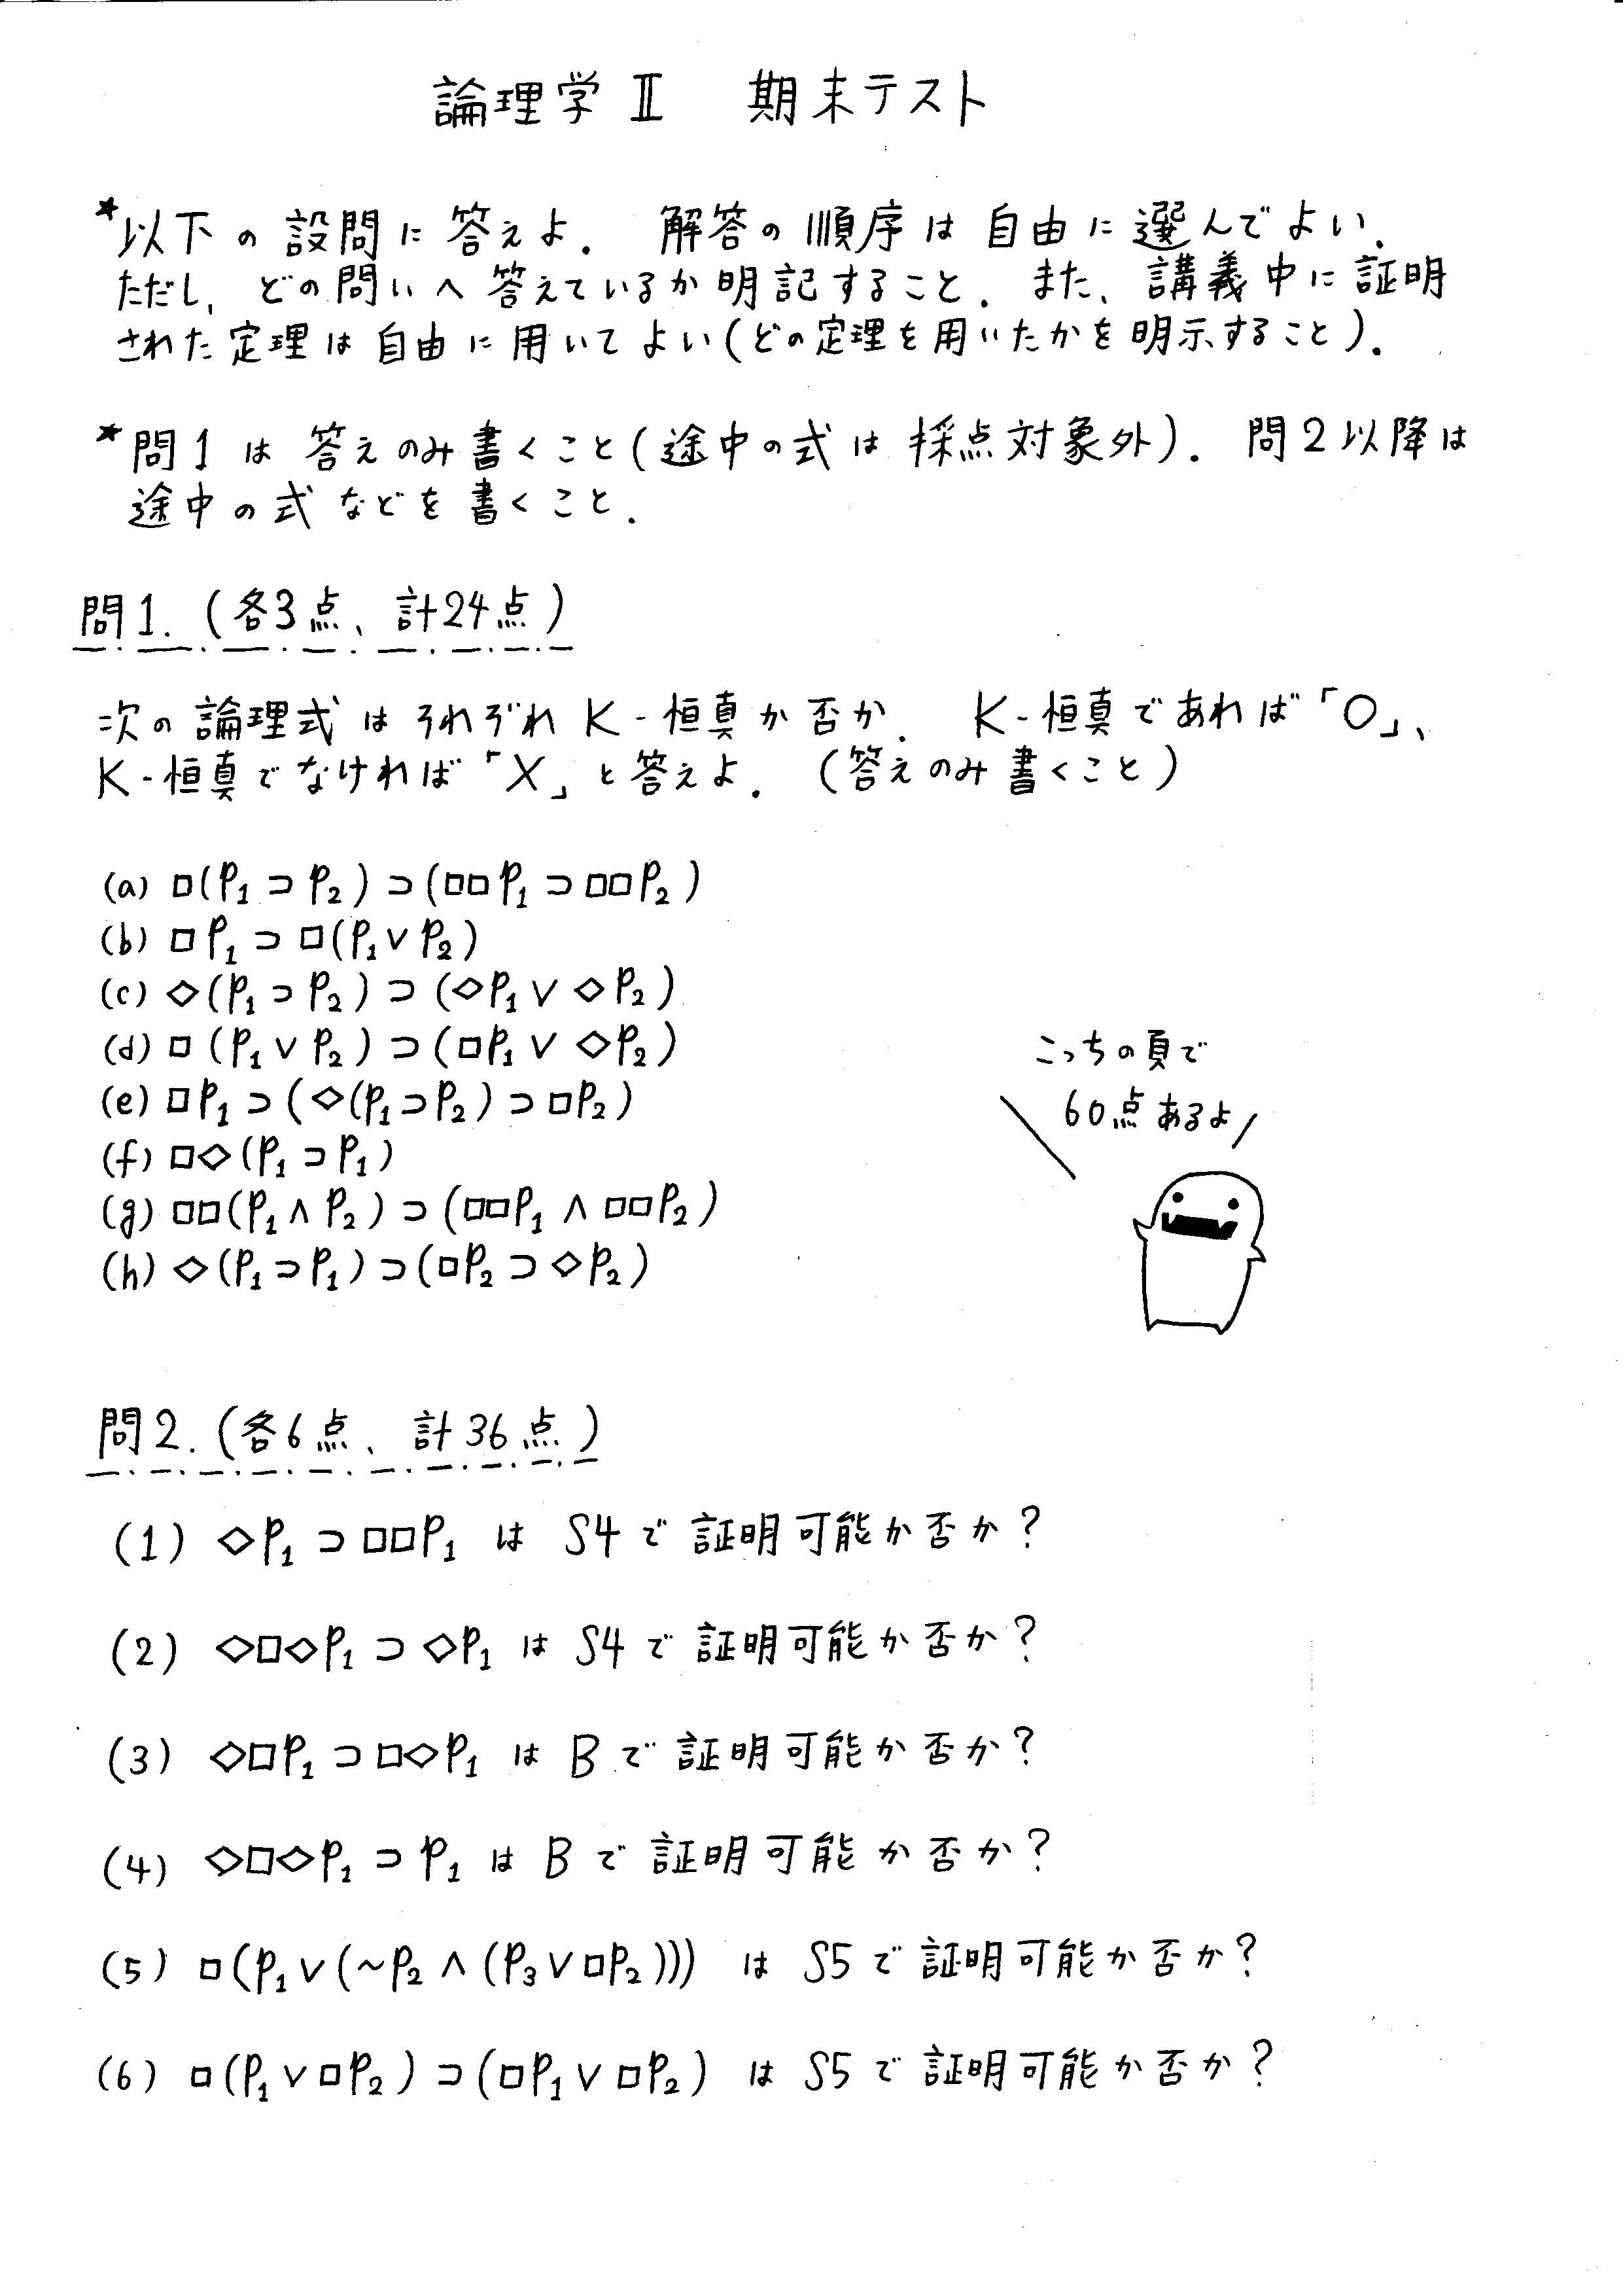 A_論理学II - 地環2015